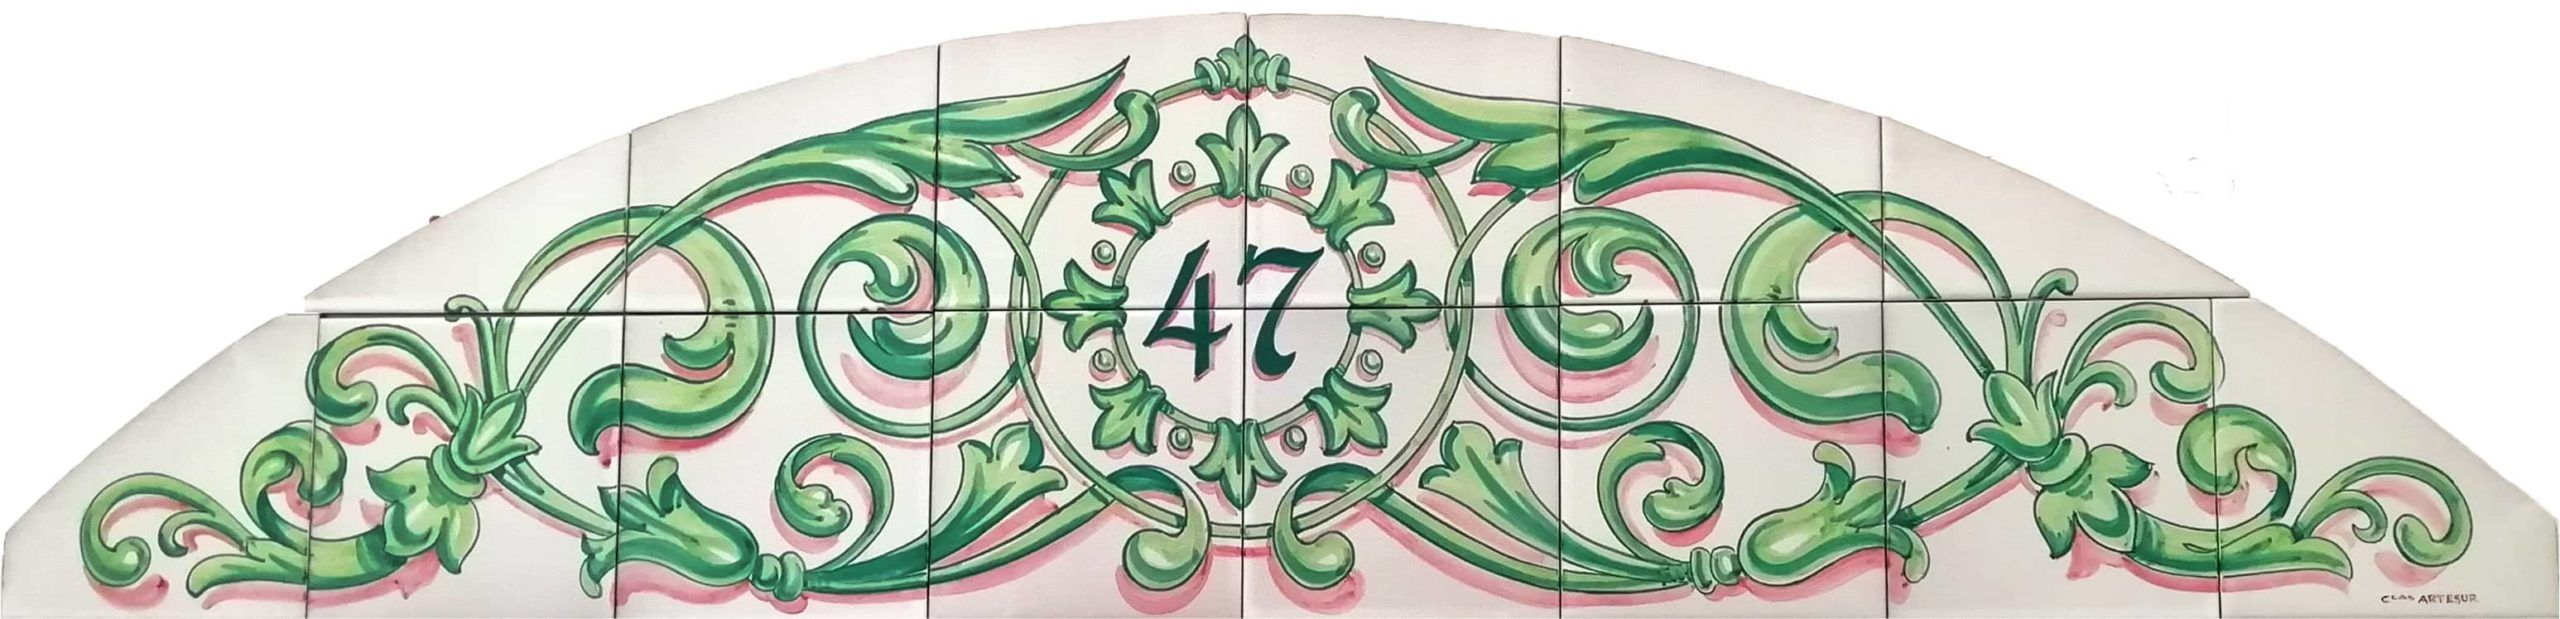 Azulejos artesanos pintados a mano en el estilo sevillano - Artesur- Ornamento dintel para puerta-75586